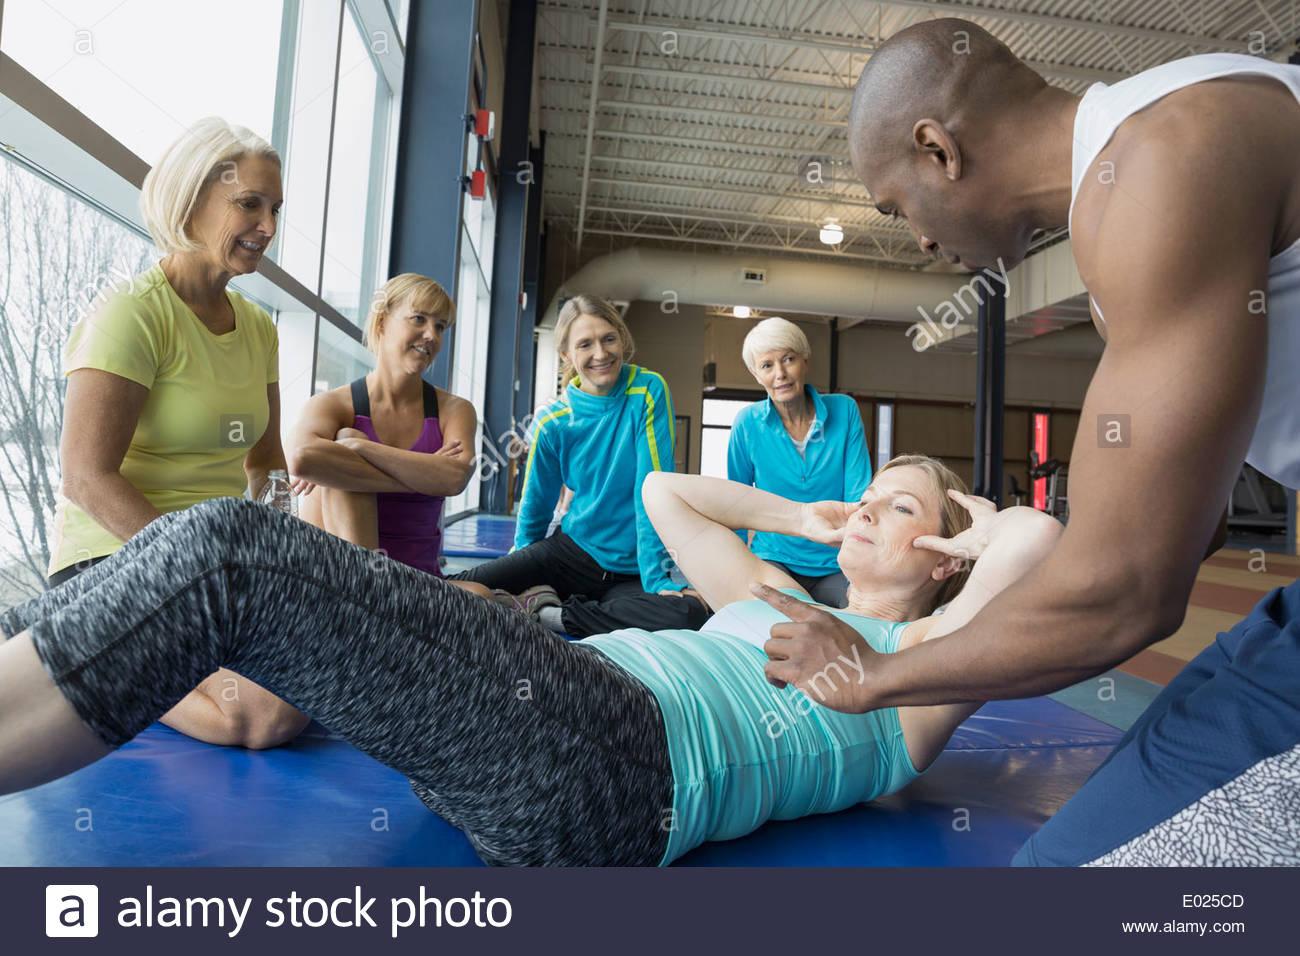 Entraîneur personnel woman甄s directeurs sit-ups at gym Photo Stock